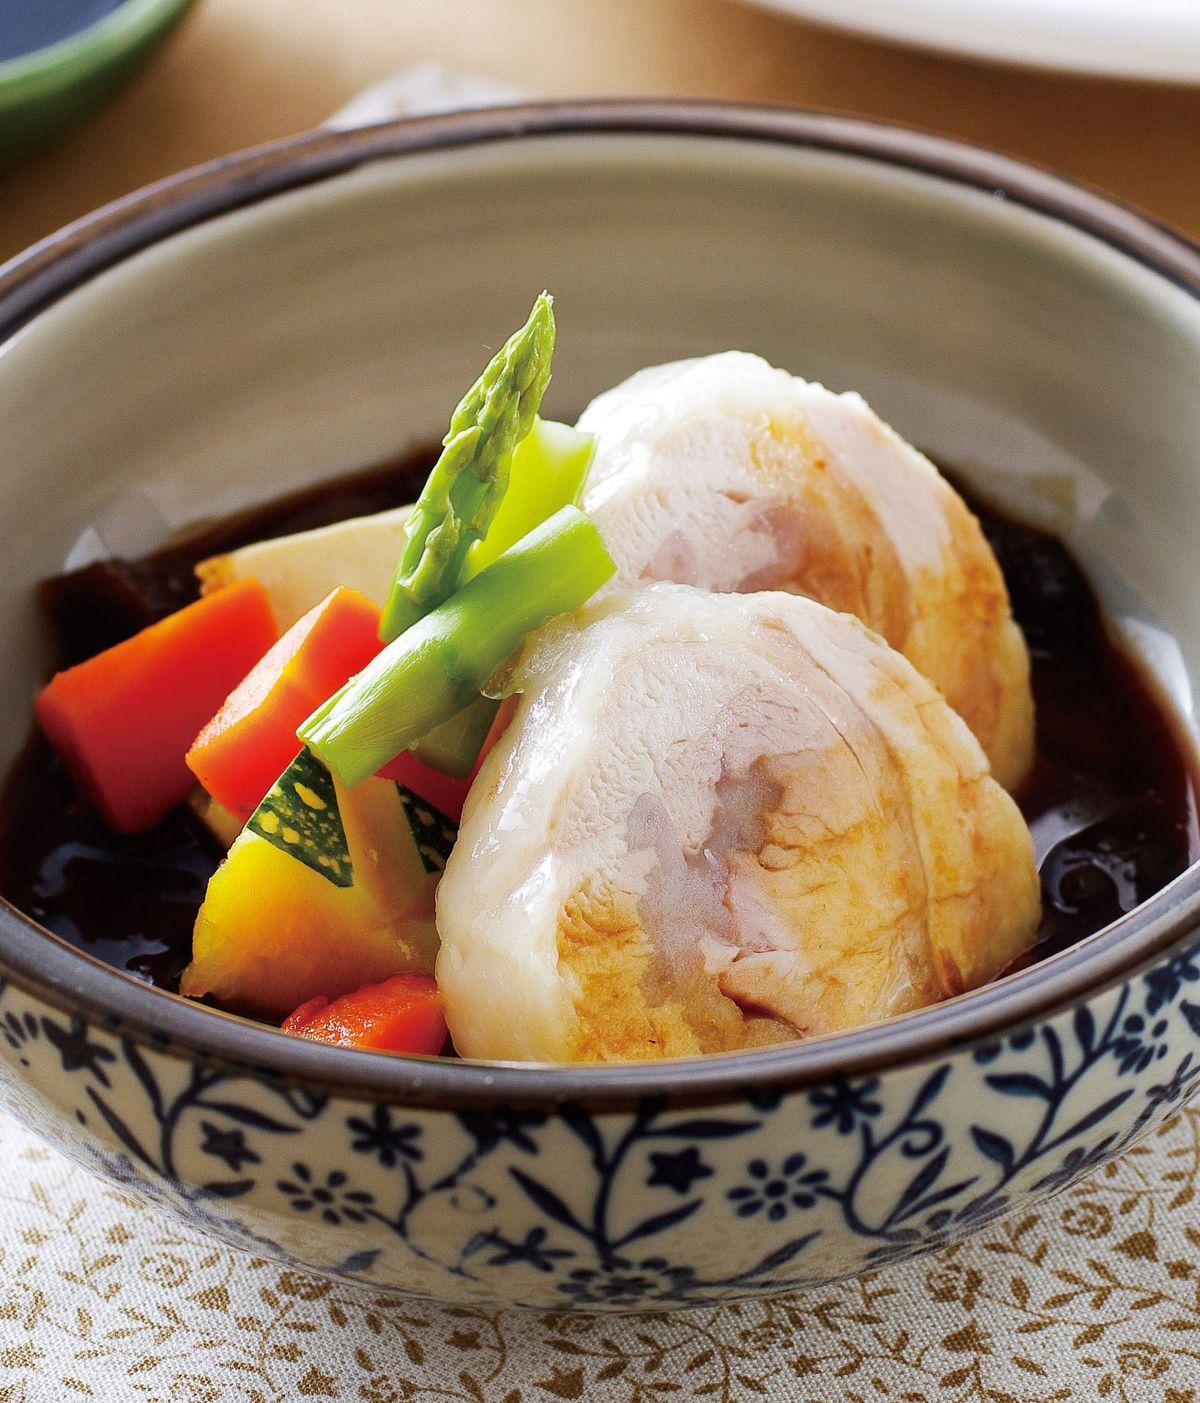 食譜:嫩雞豆腐味噌燒